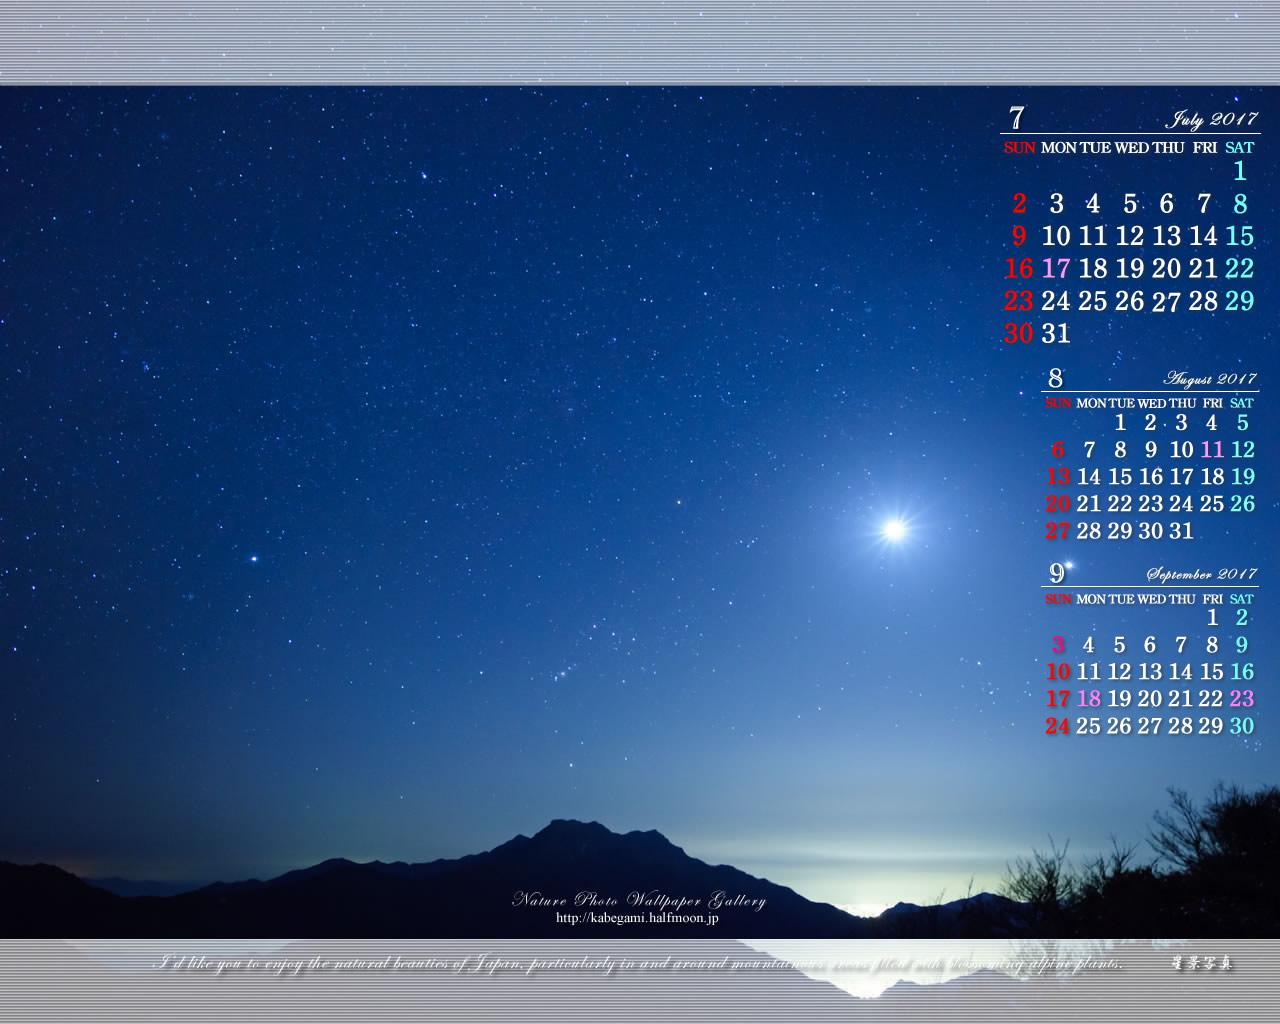 17年7月の無料カレンダー壁紙 1280x1024 山岳星景写真 02 石鎚自然写真館